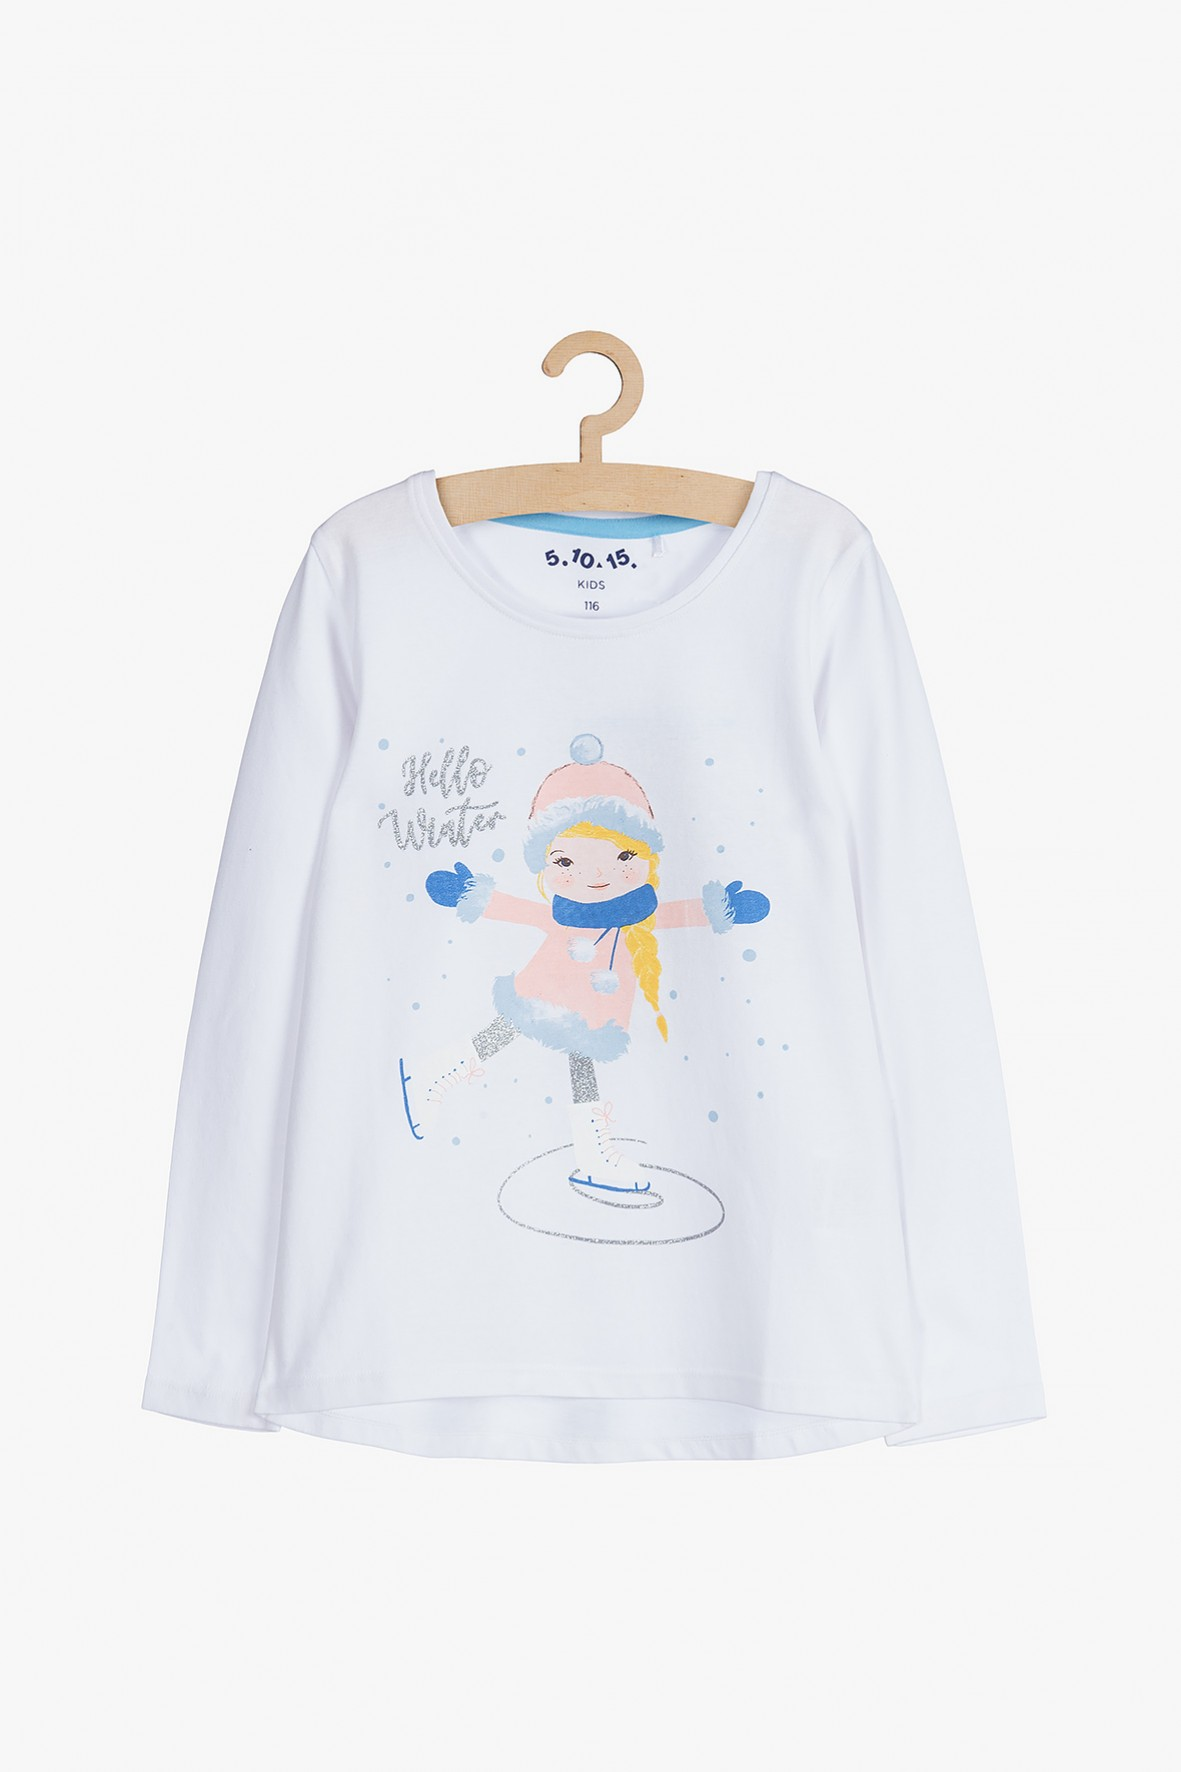 Bawełniana bluzka dla dziewczynki - Hello Winter